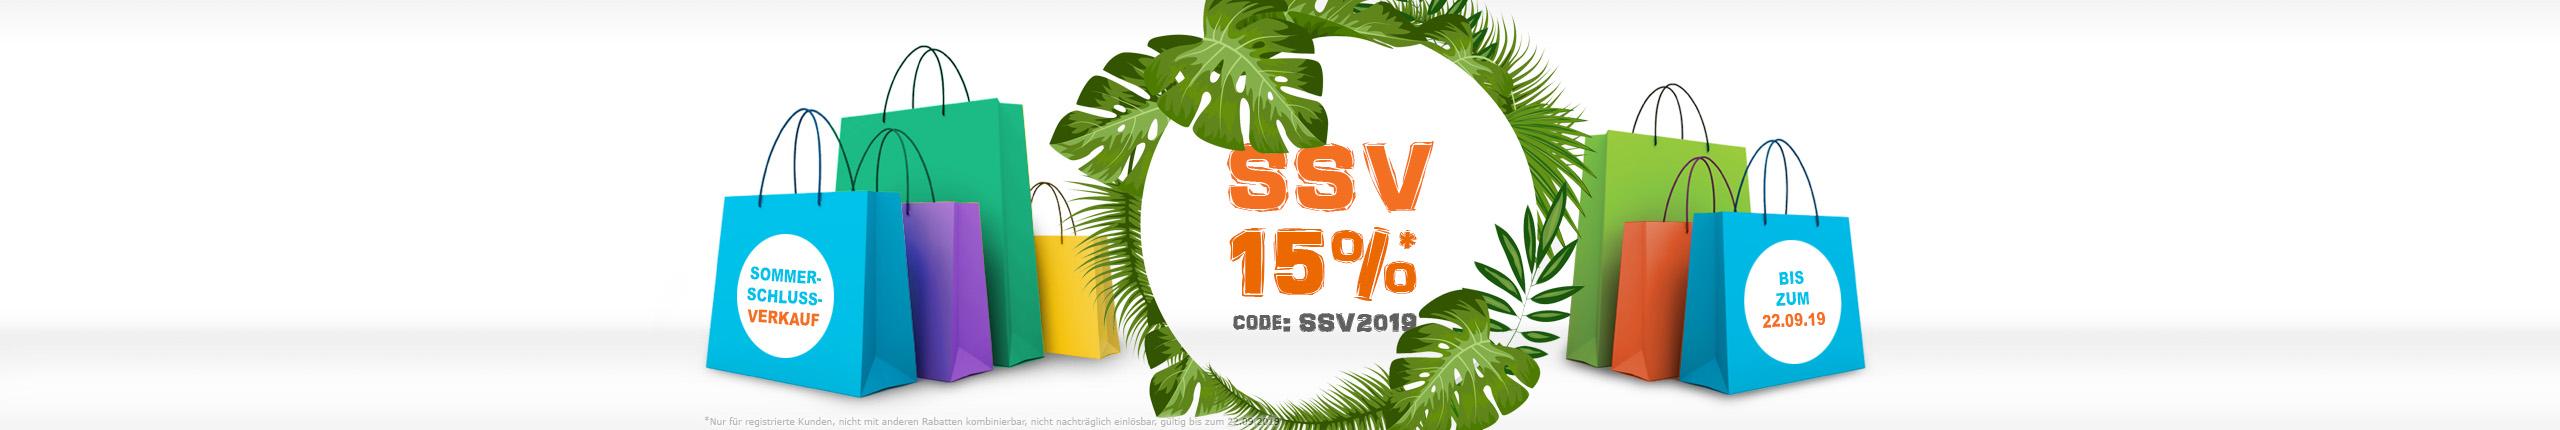 Vitex-Shop Sommerschlussverkauf 2019